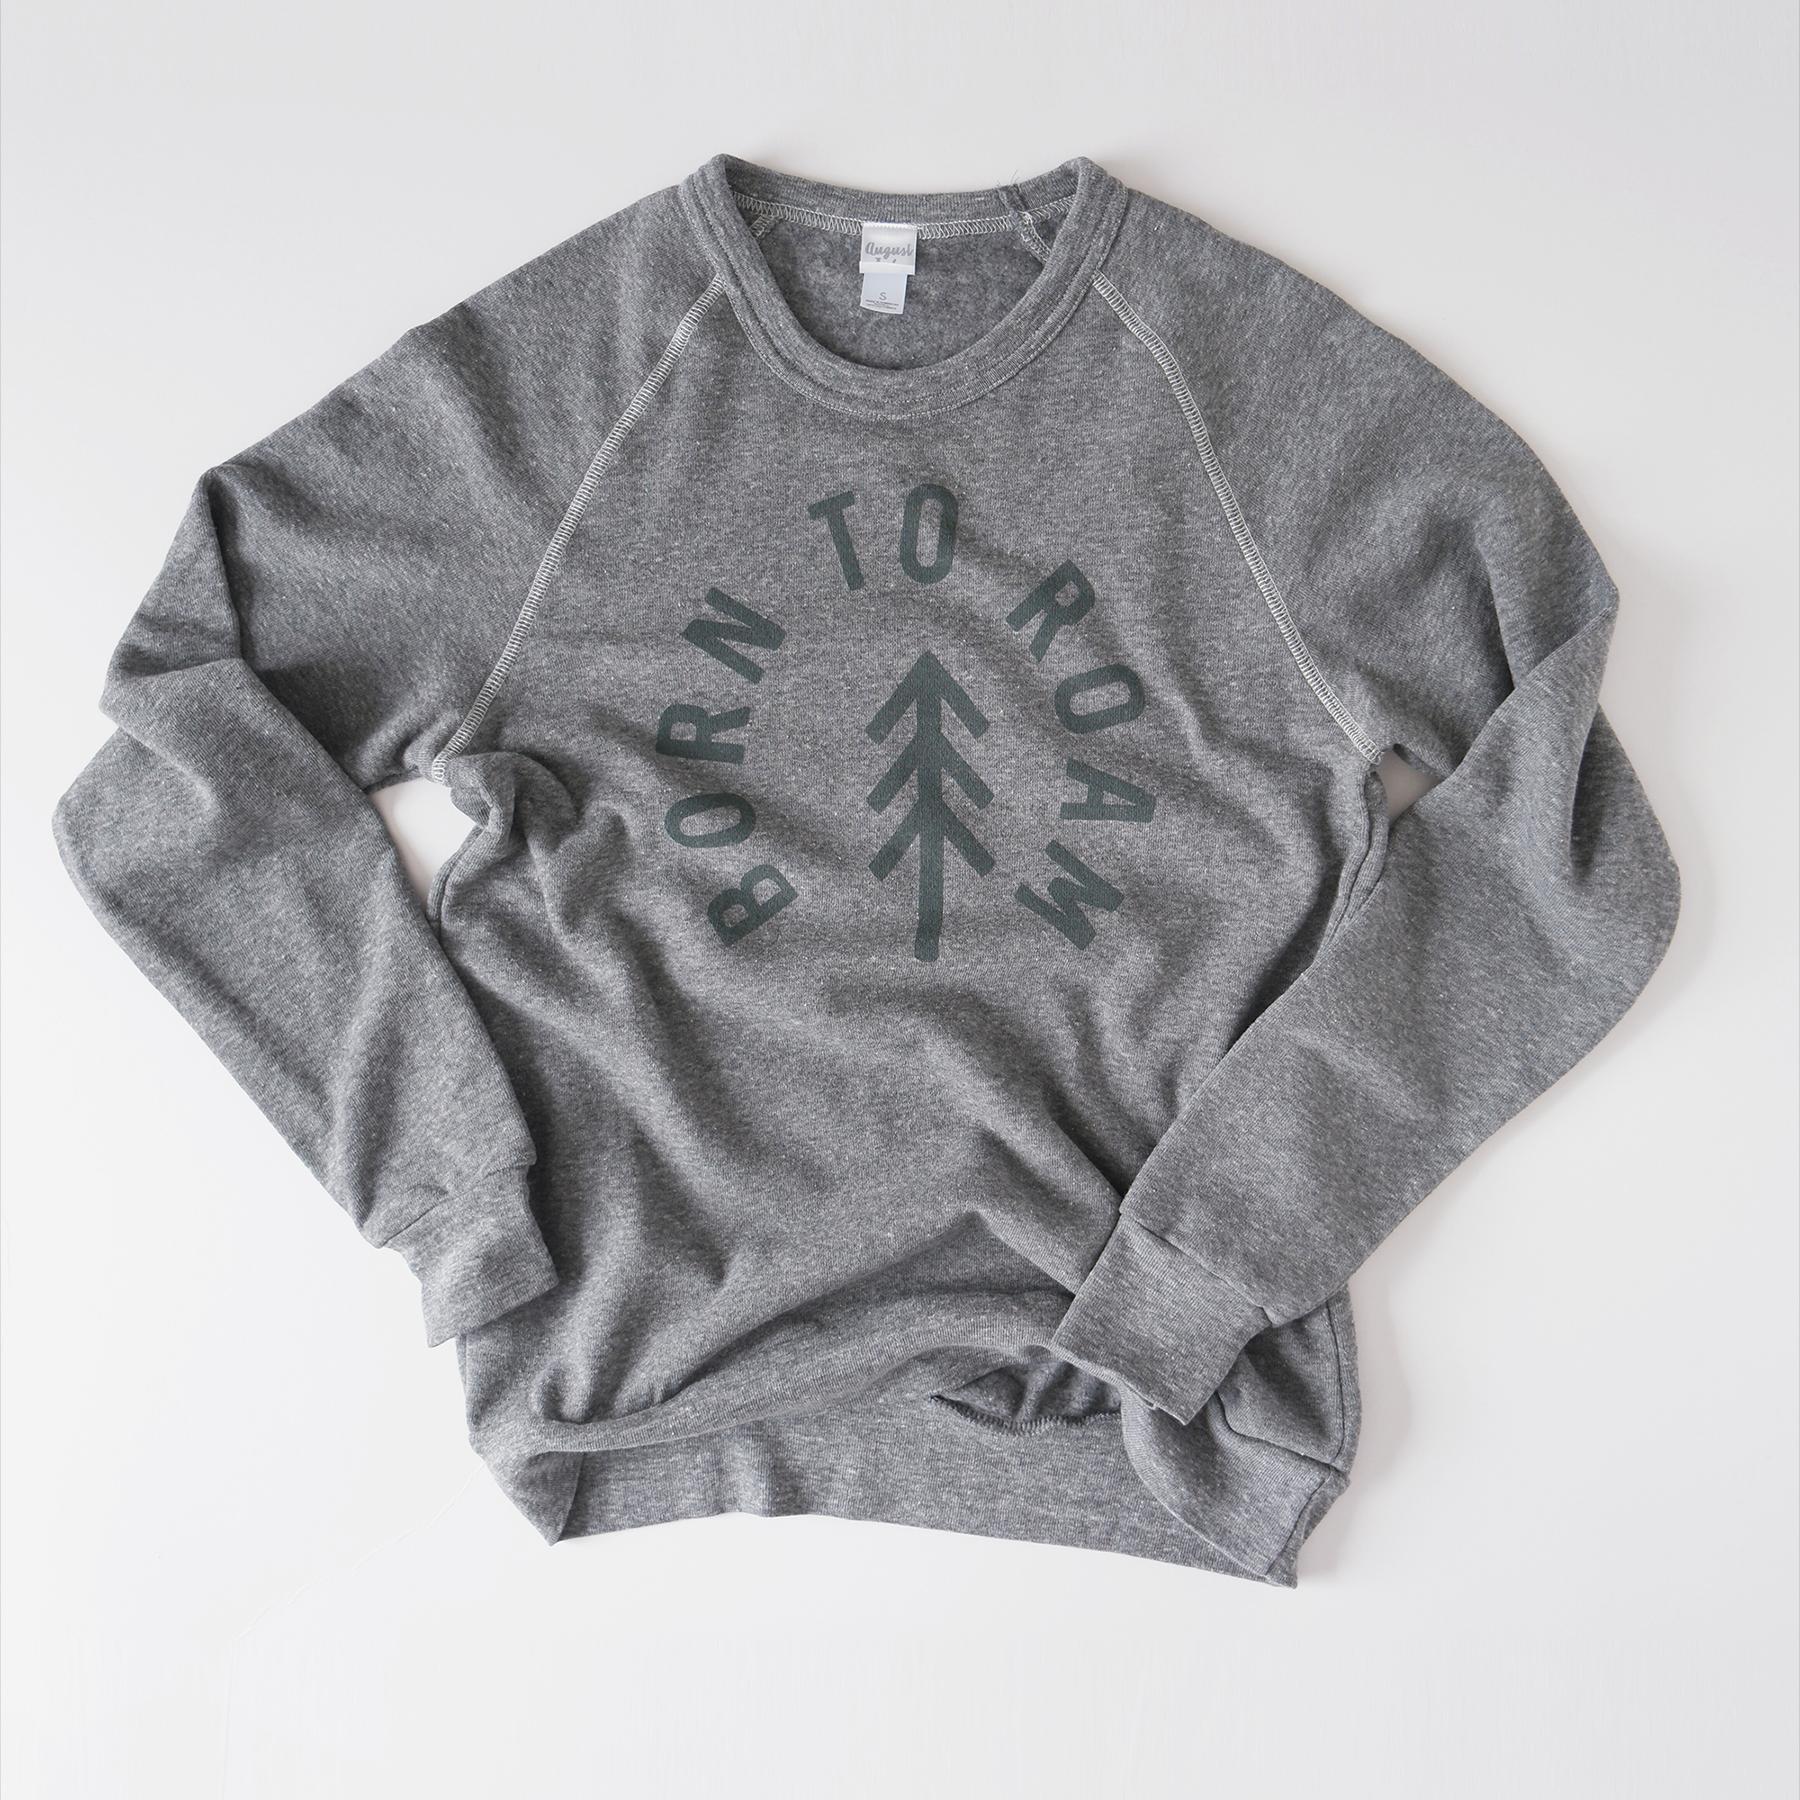 Born to Roam Sweatshirt.